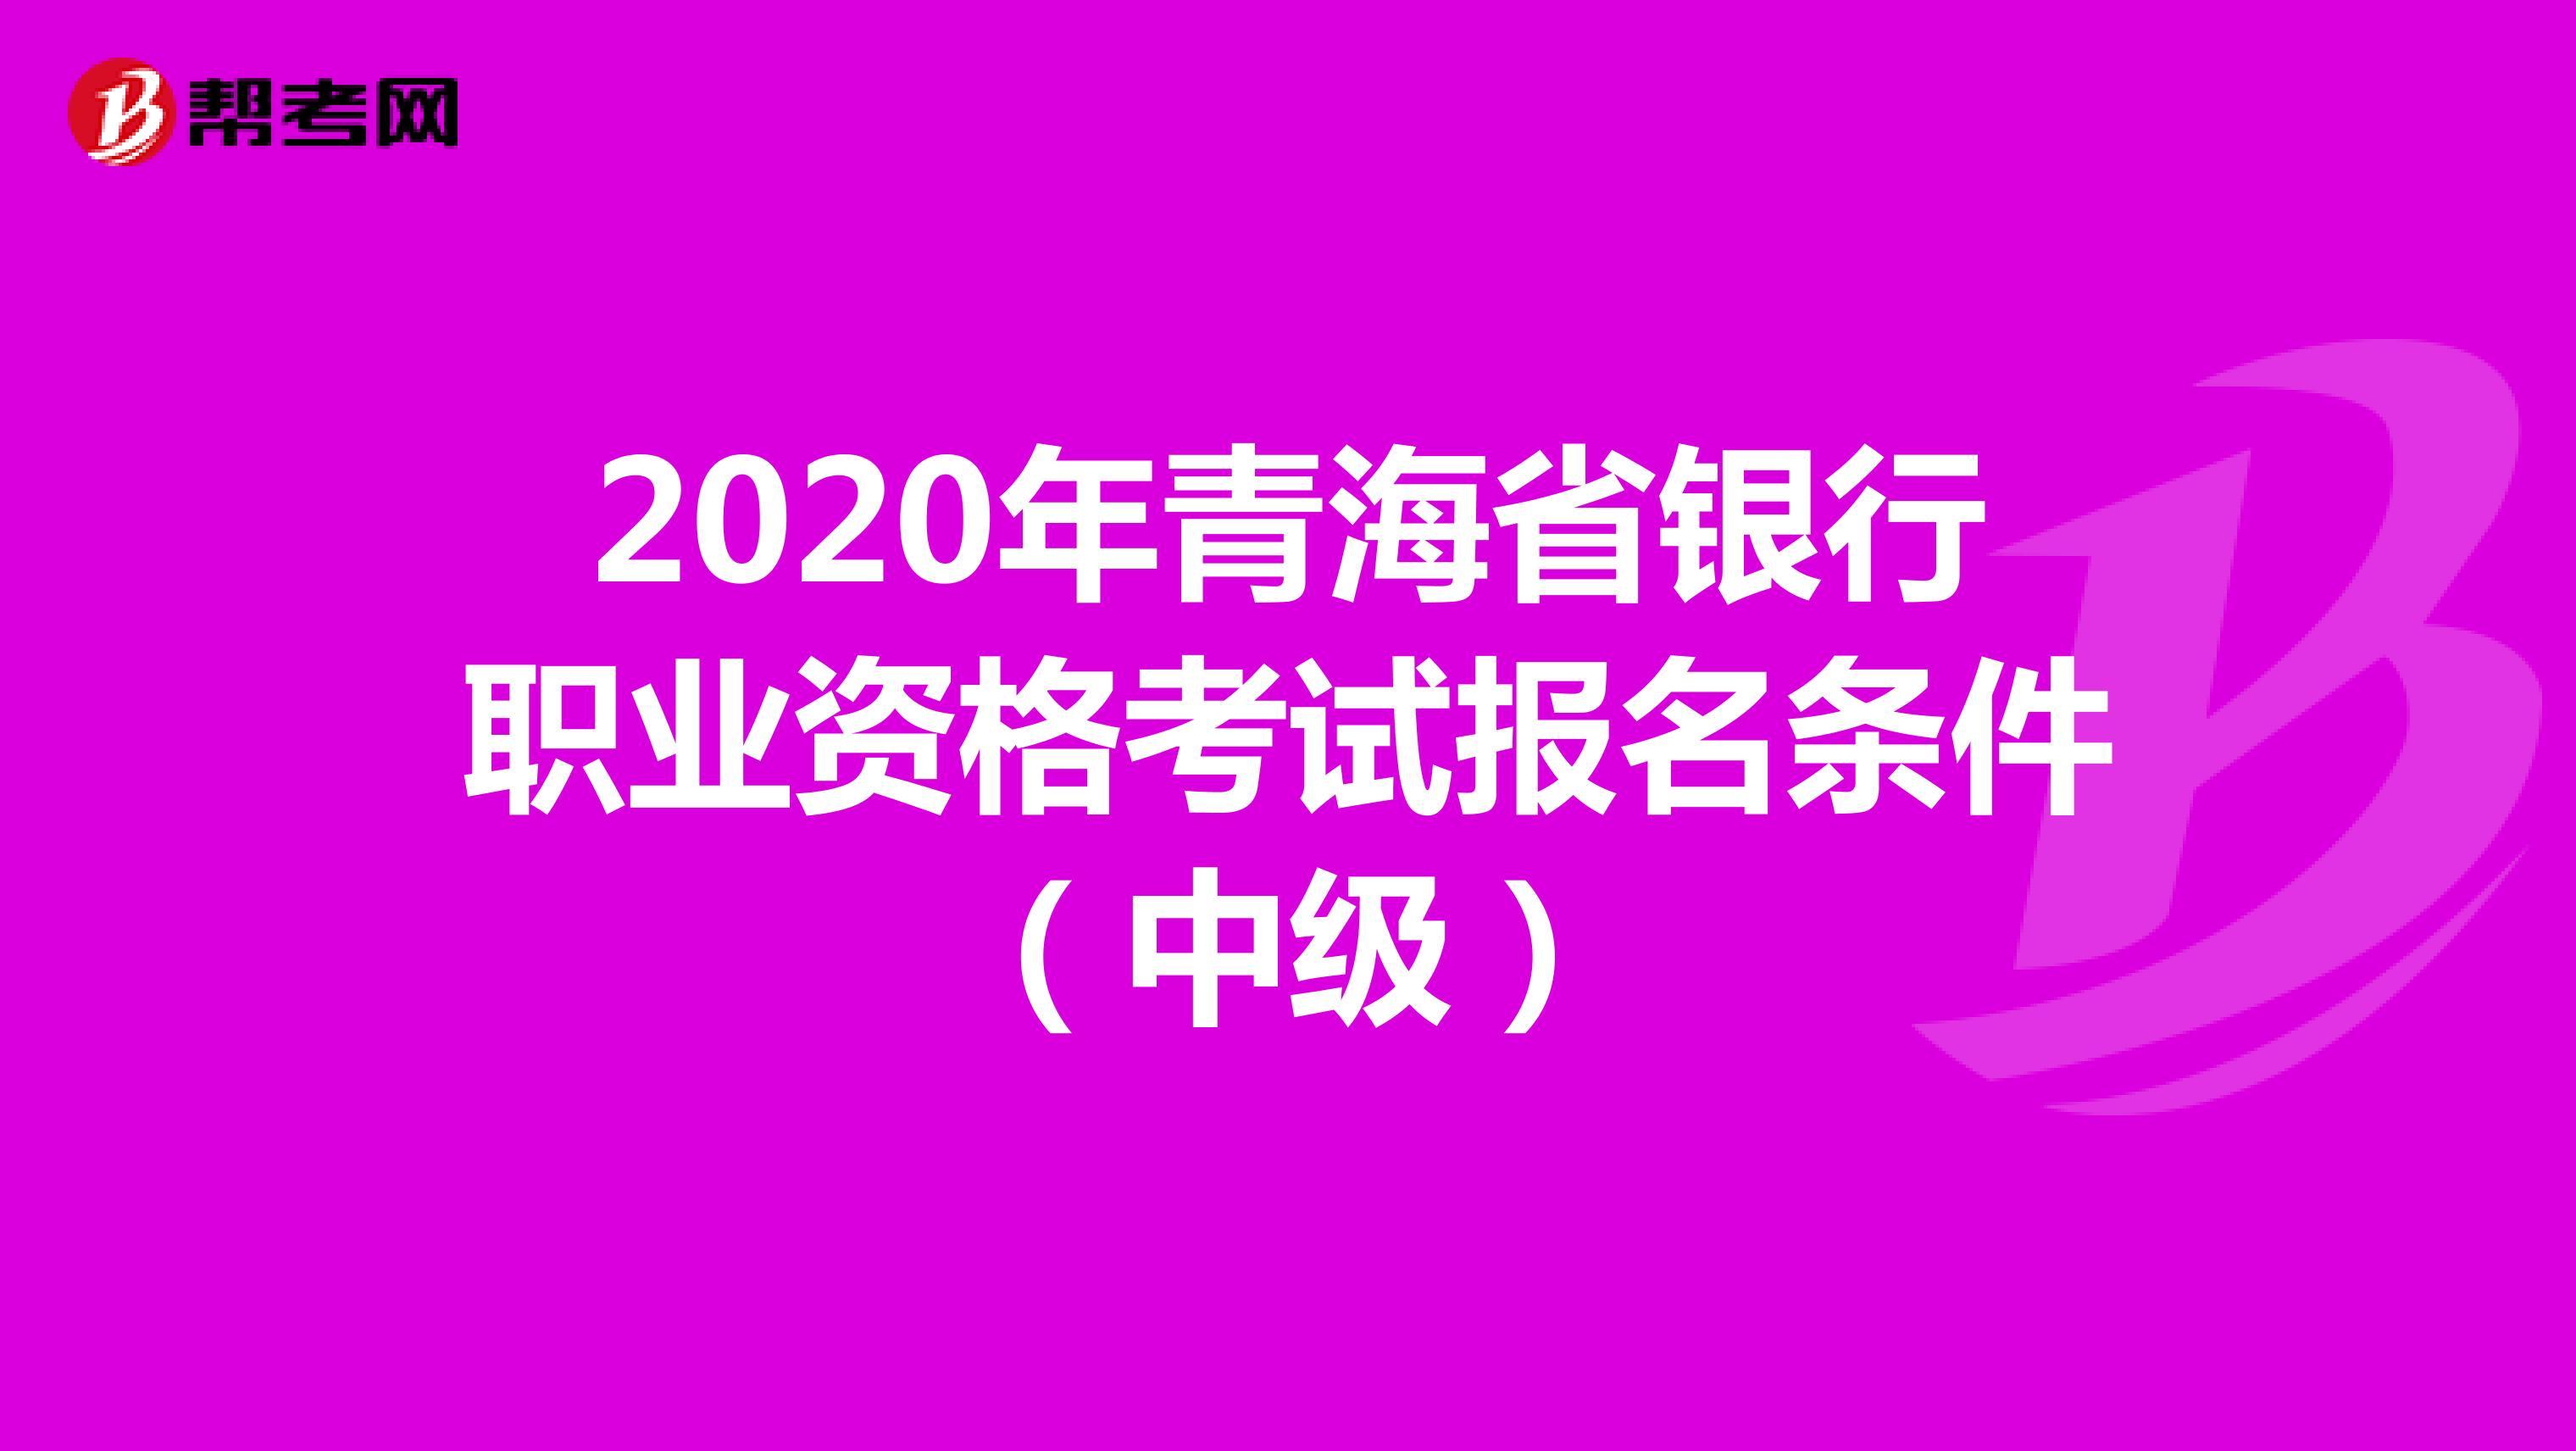 2020年青海省银行职业资格考试报名条件(中级)!